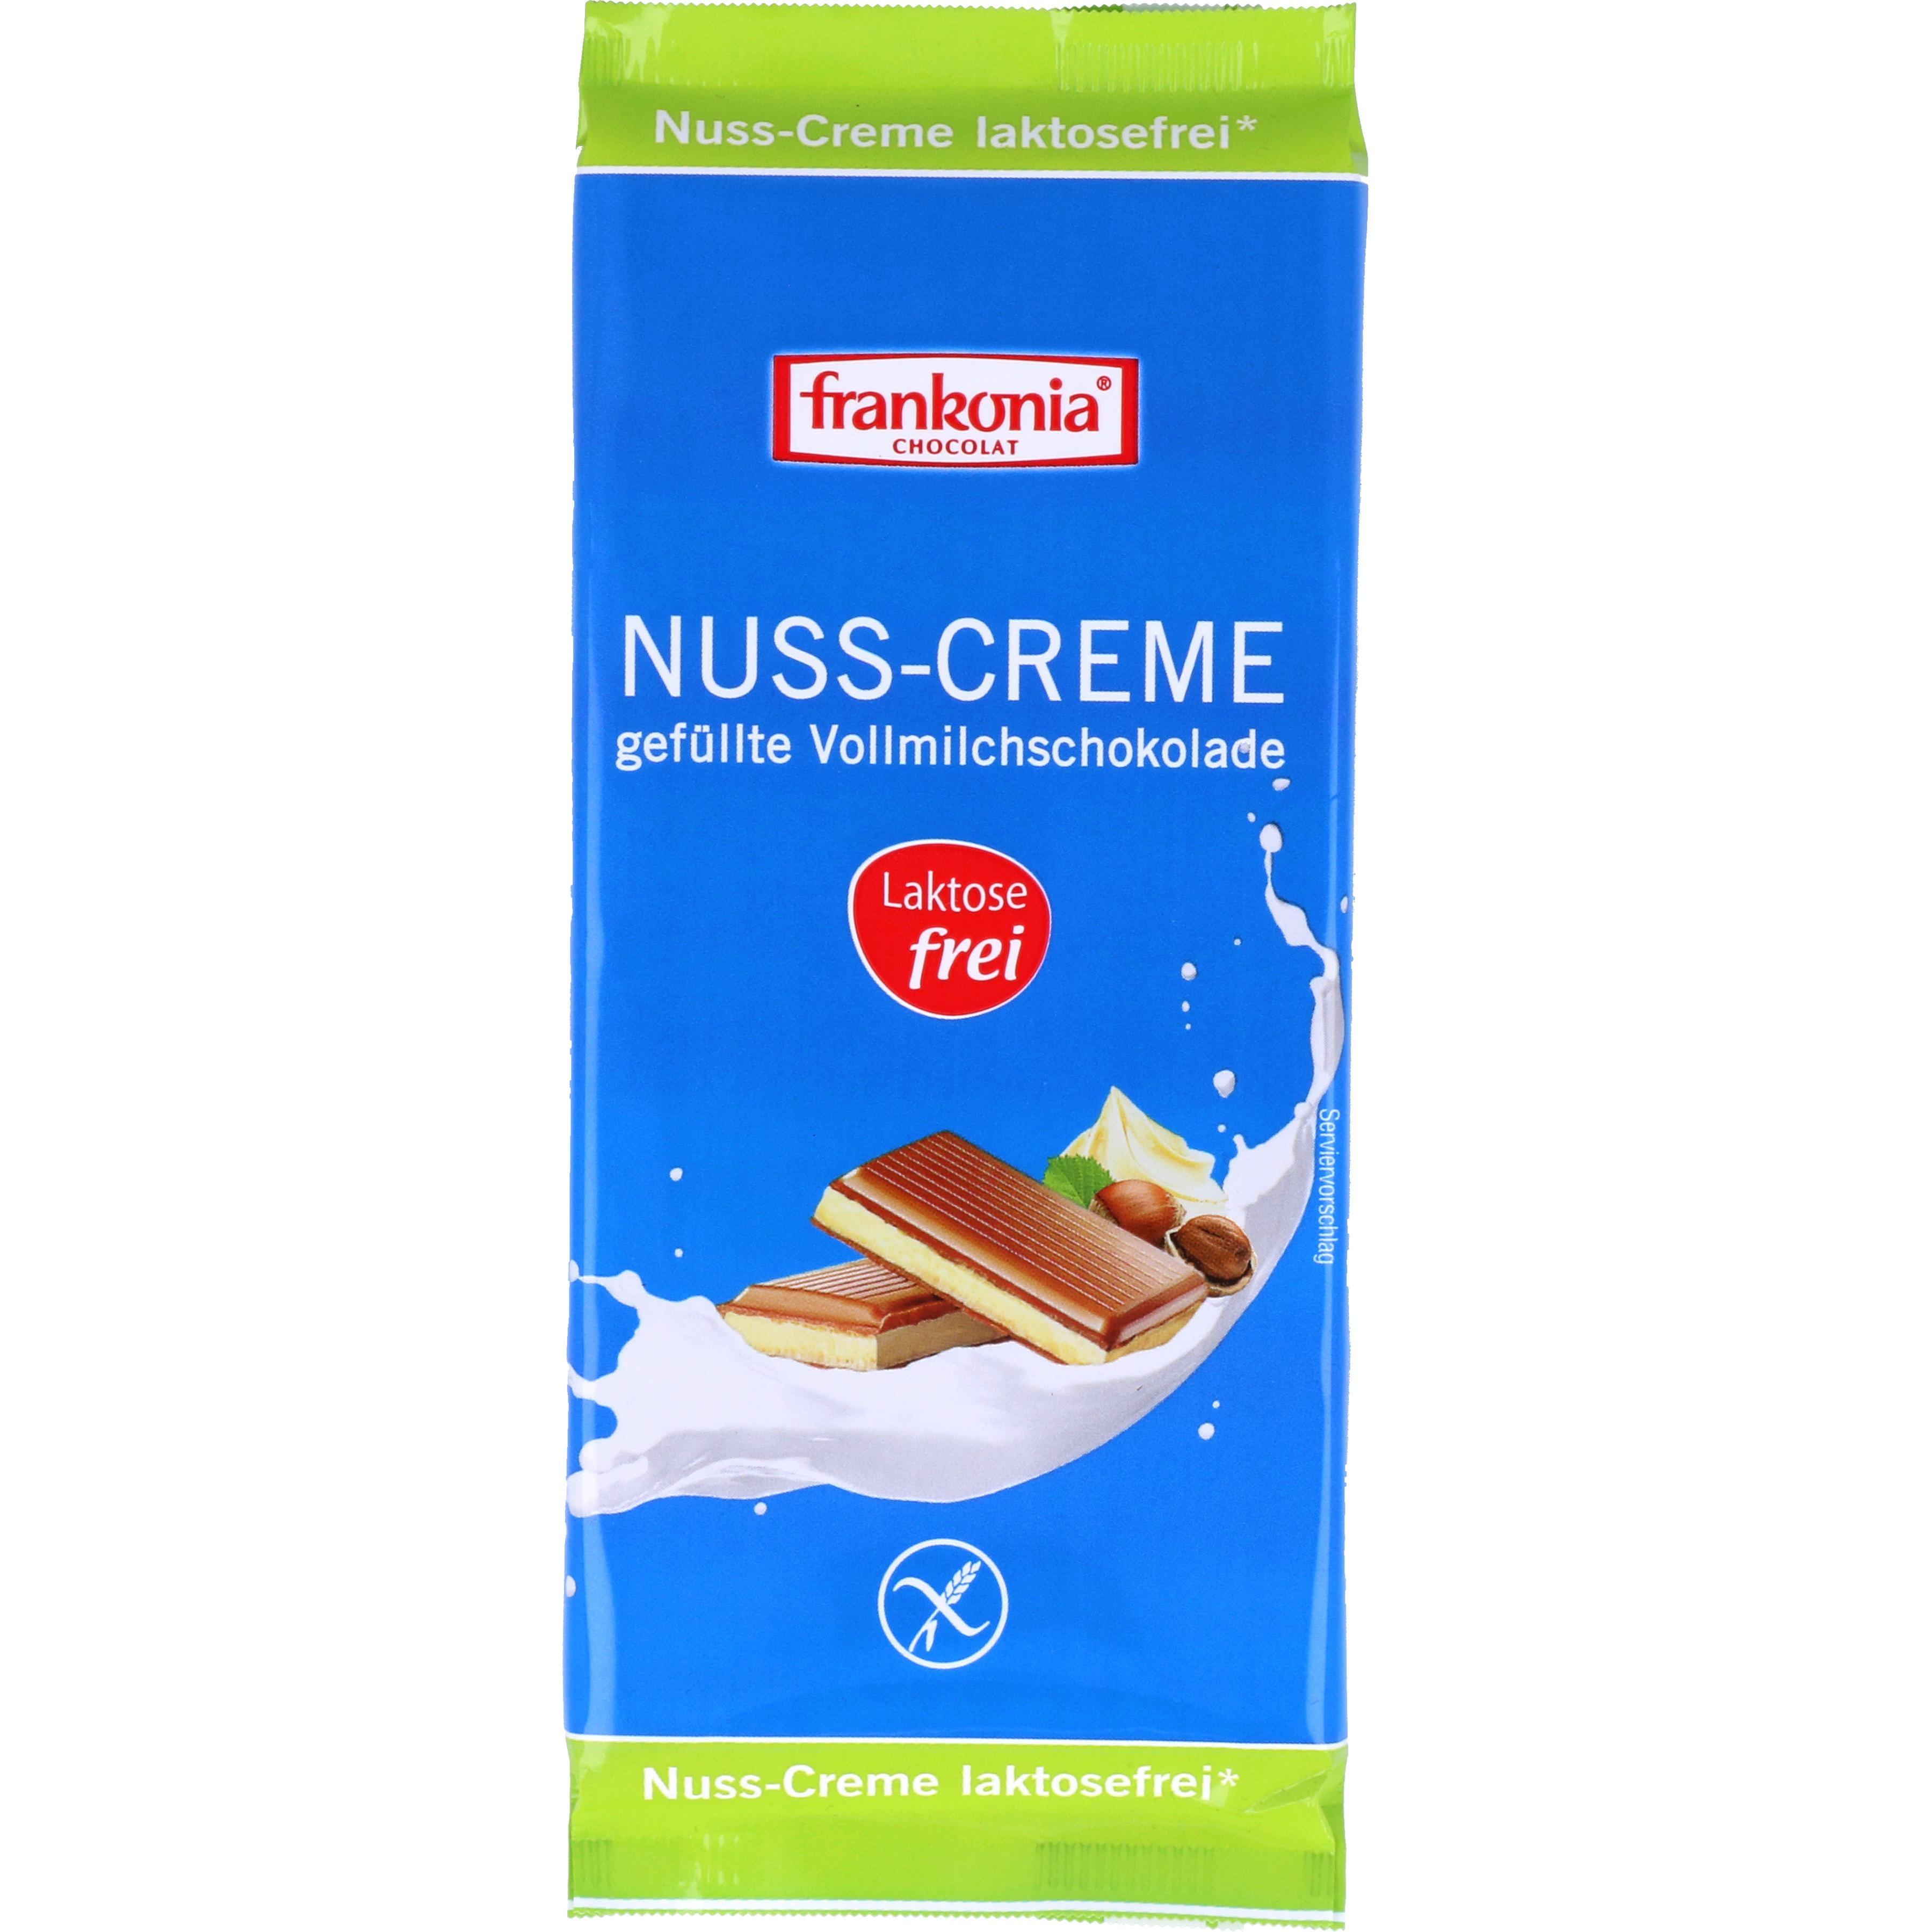 Frankonia Nuss-Creme laktosefreie Schokolade 100g